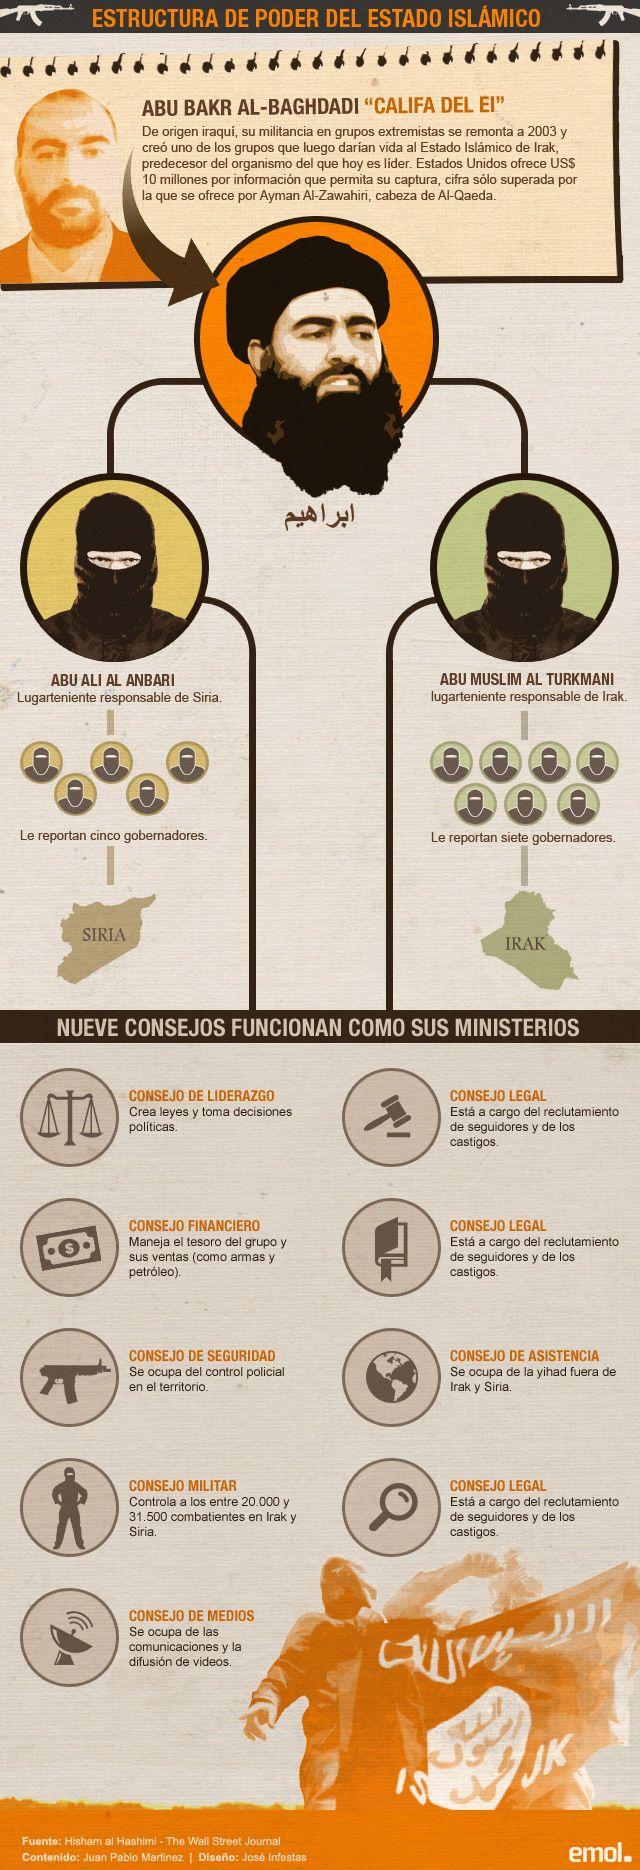 Infografía: Conoce cómo se estructura el poder del Estado Islámico